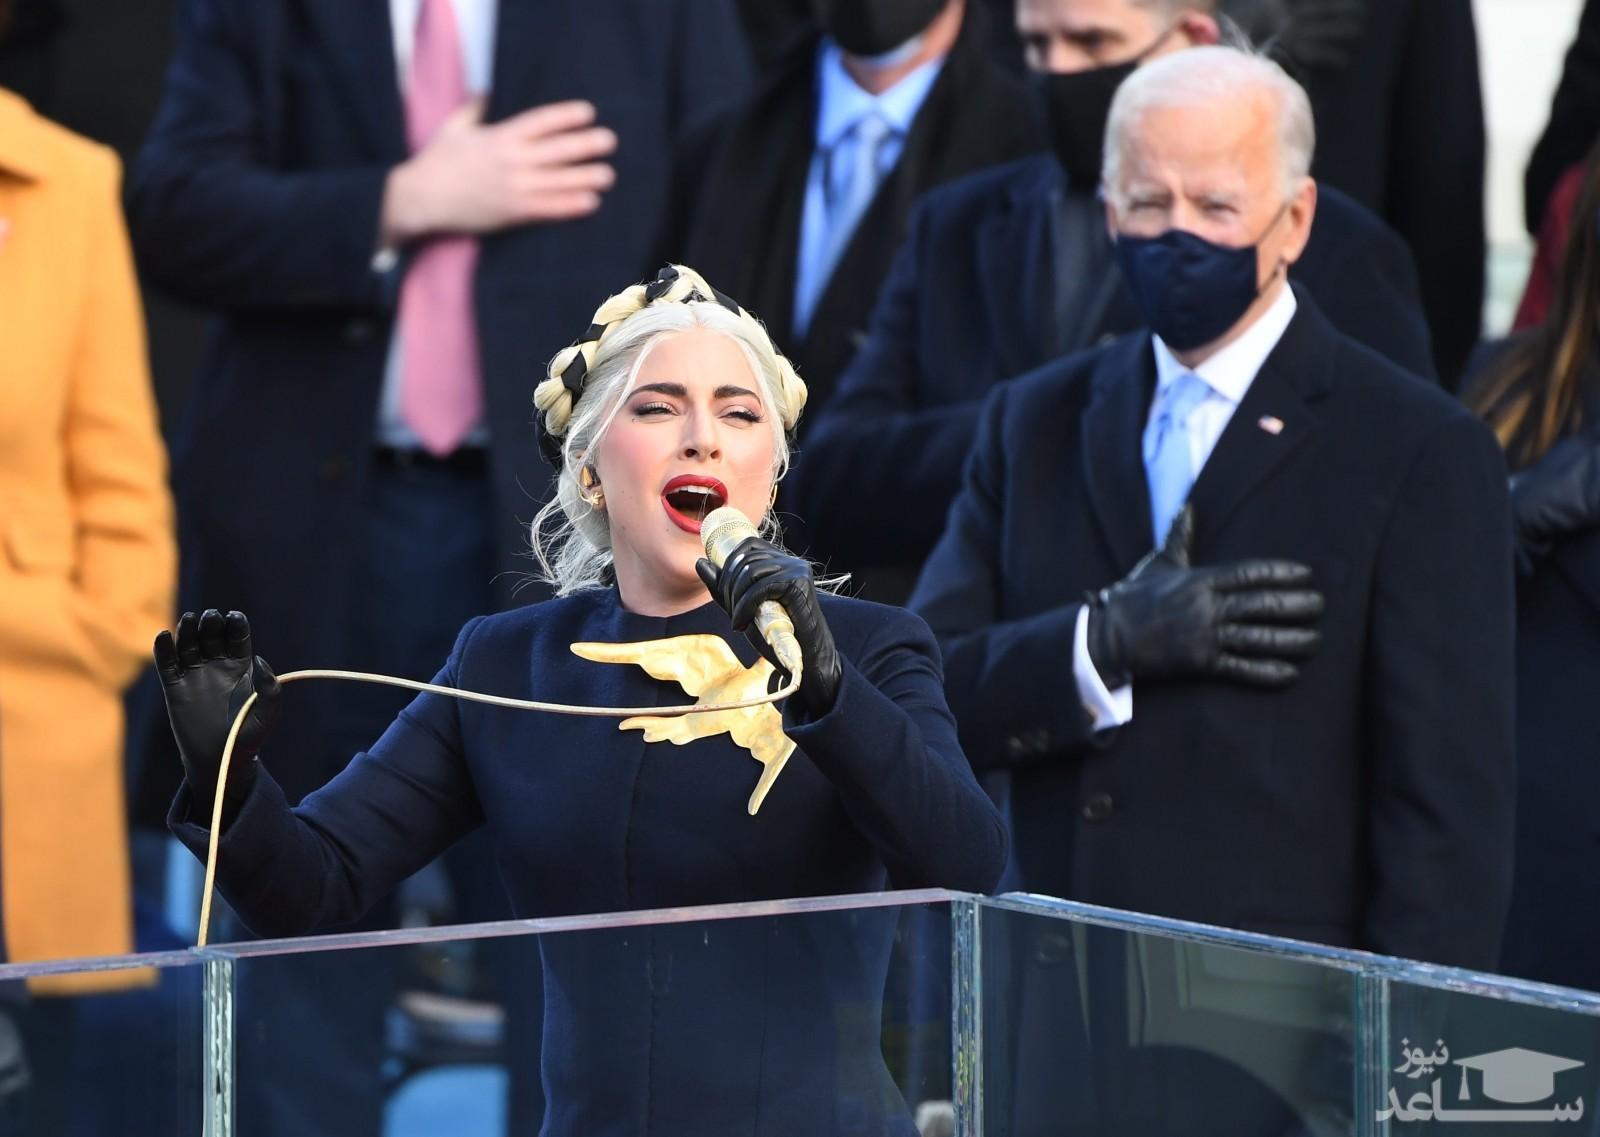 فیلم اجرای سرود ملی آمریکا توسط لیدی گاگا در مراسم تحلیف پرزیدنت بایدن